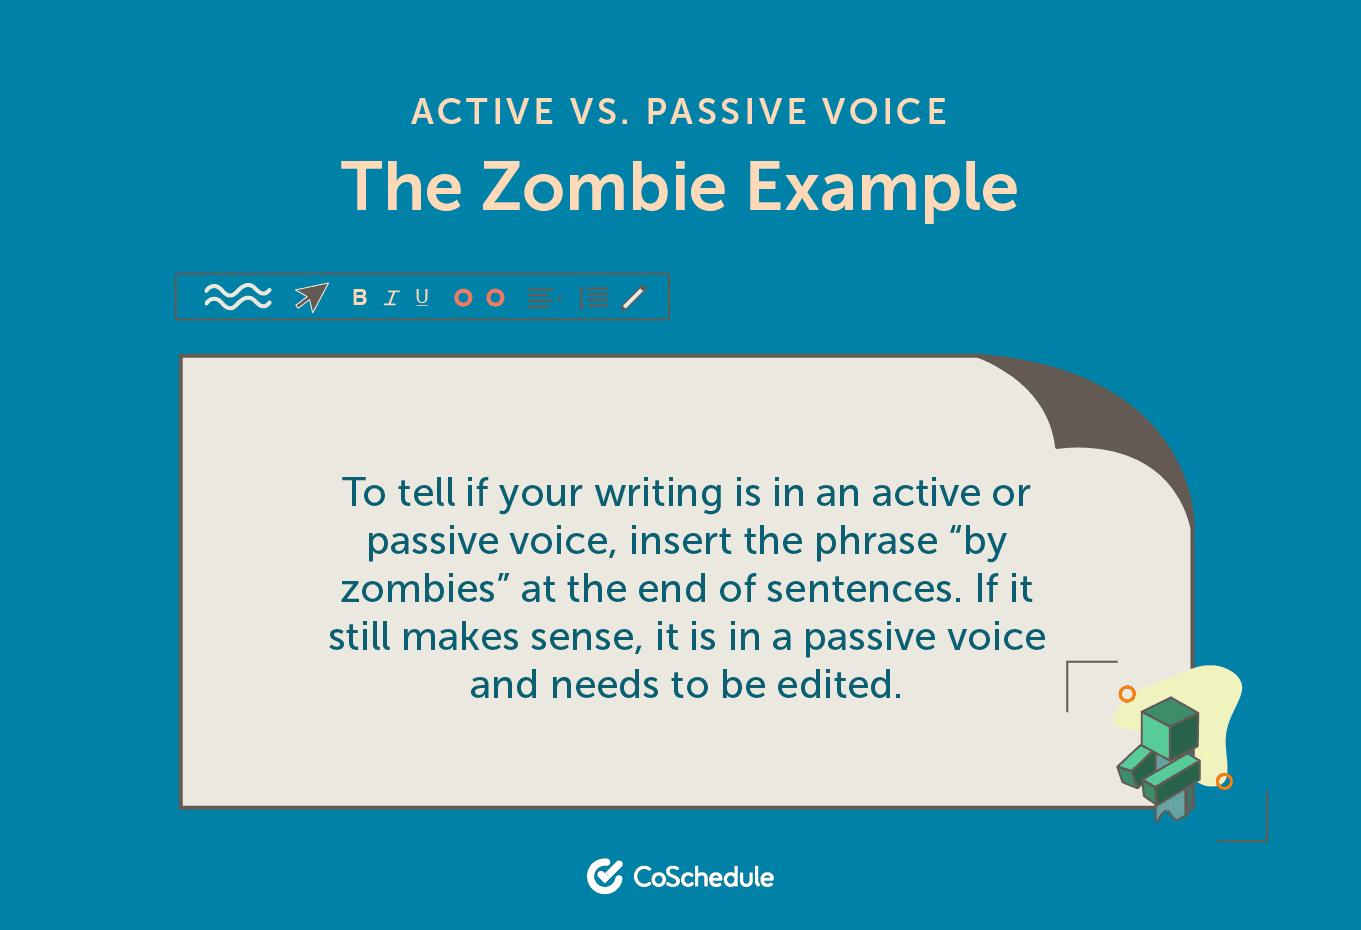 The zombie method to determine active vs. passive voice